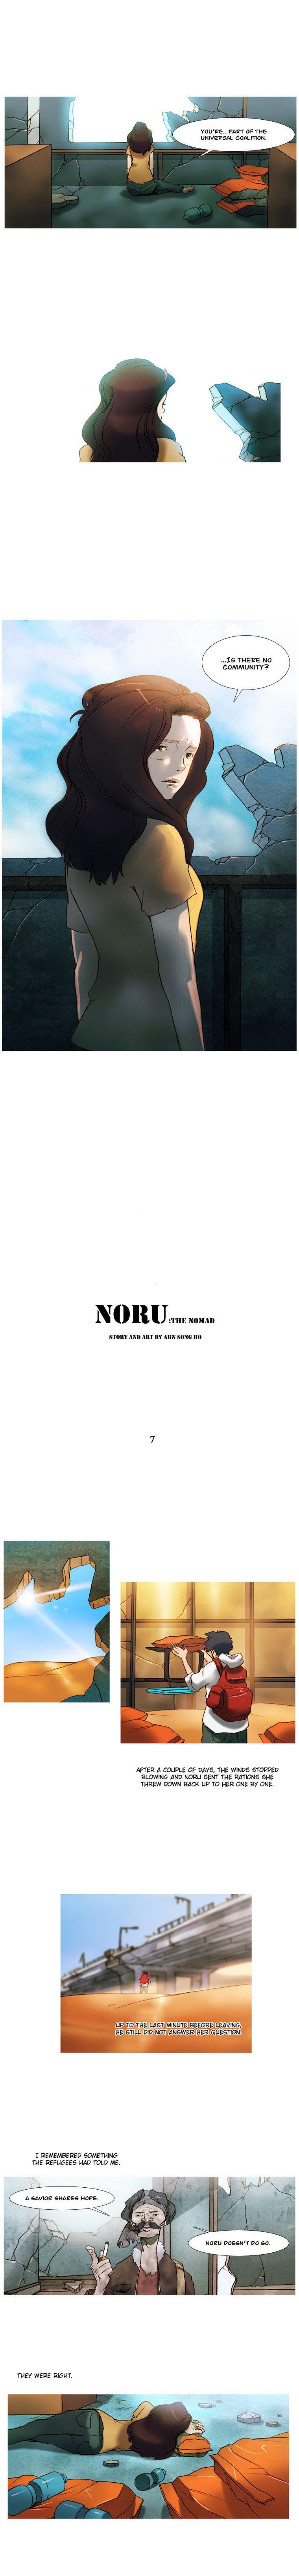 Noru 7 Page 4